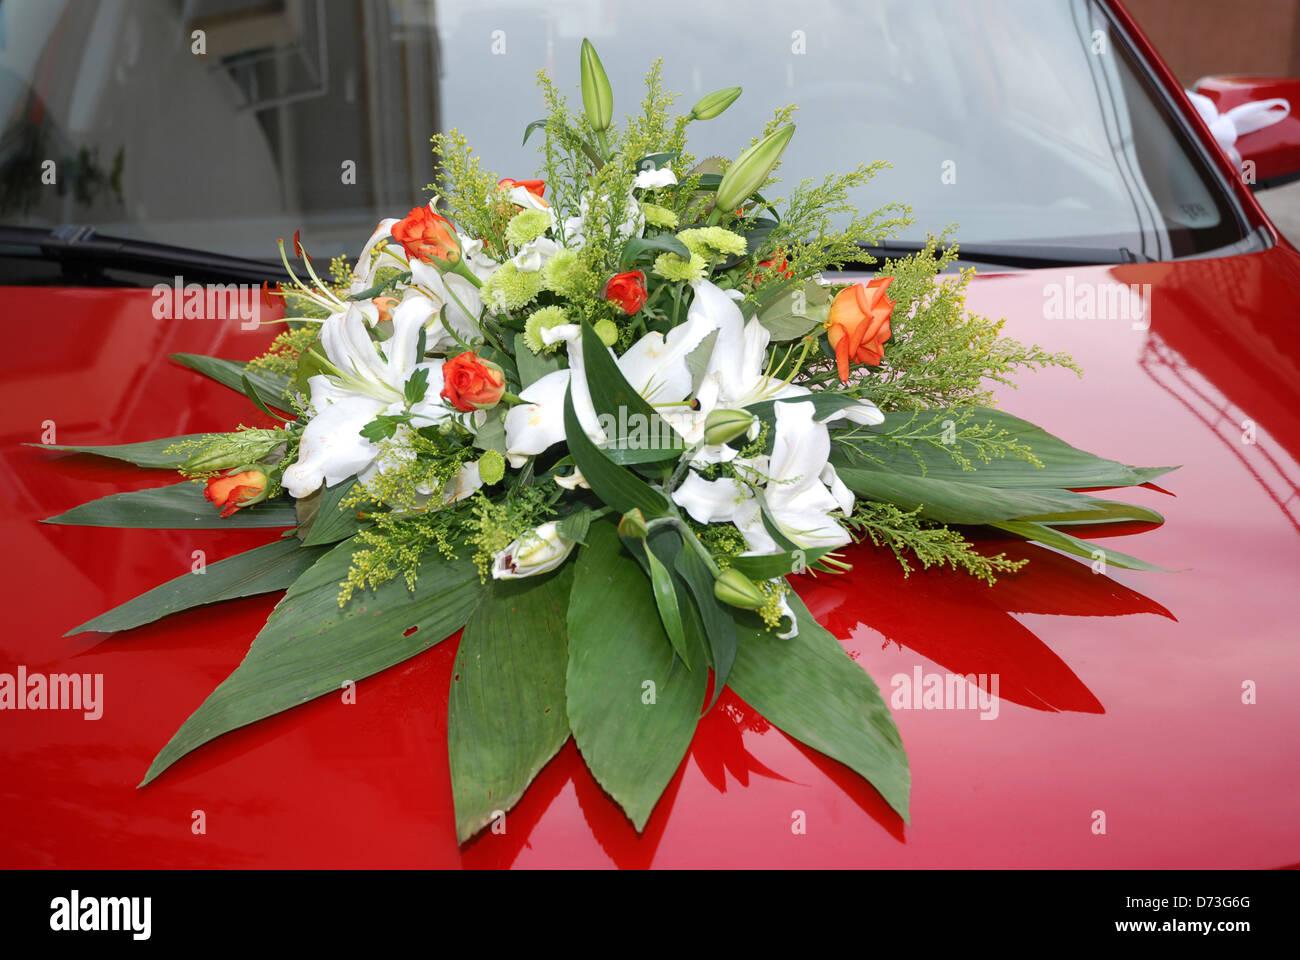 Arreglos Florales En Coche De Boda Foto Imagen De Stock